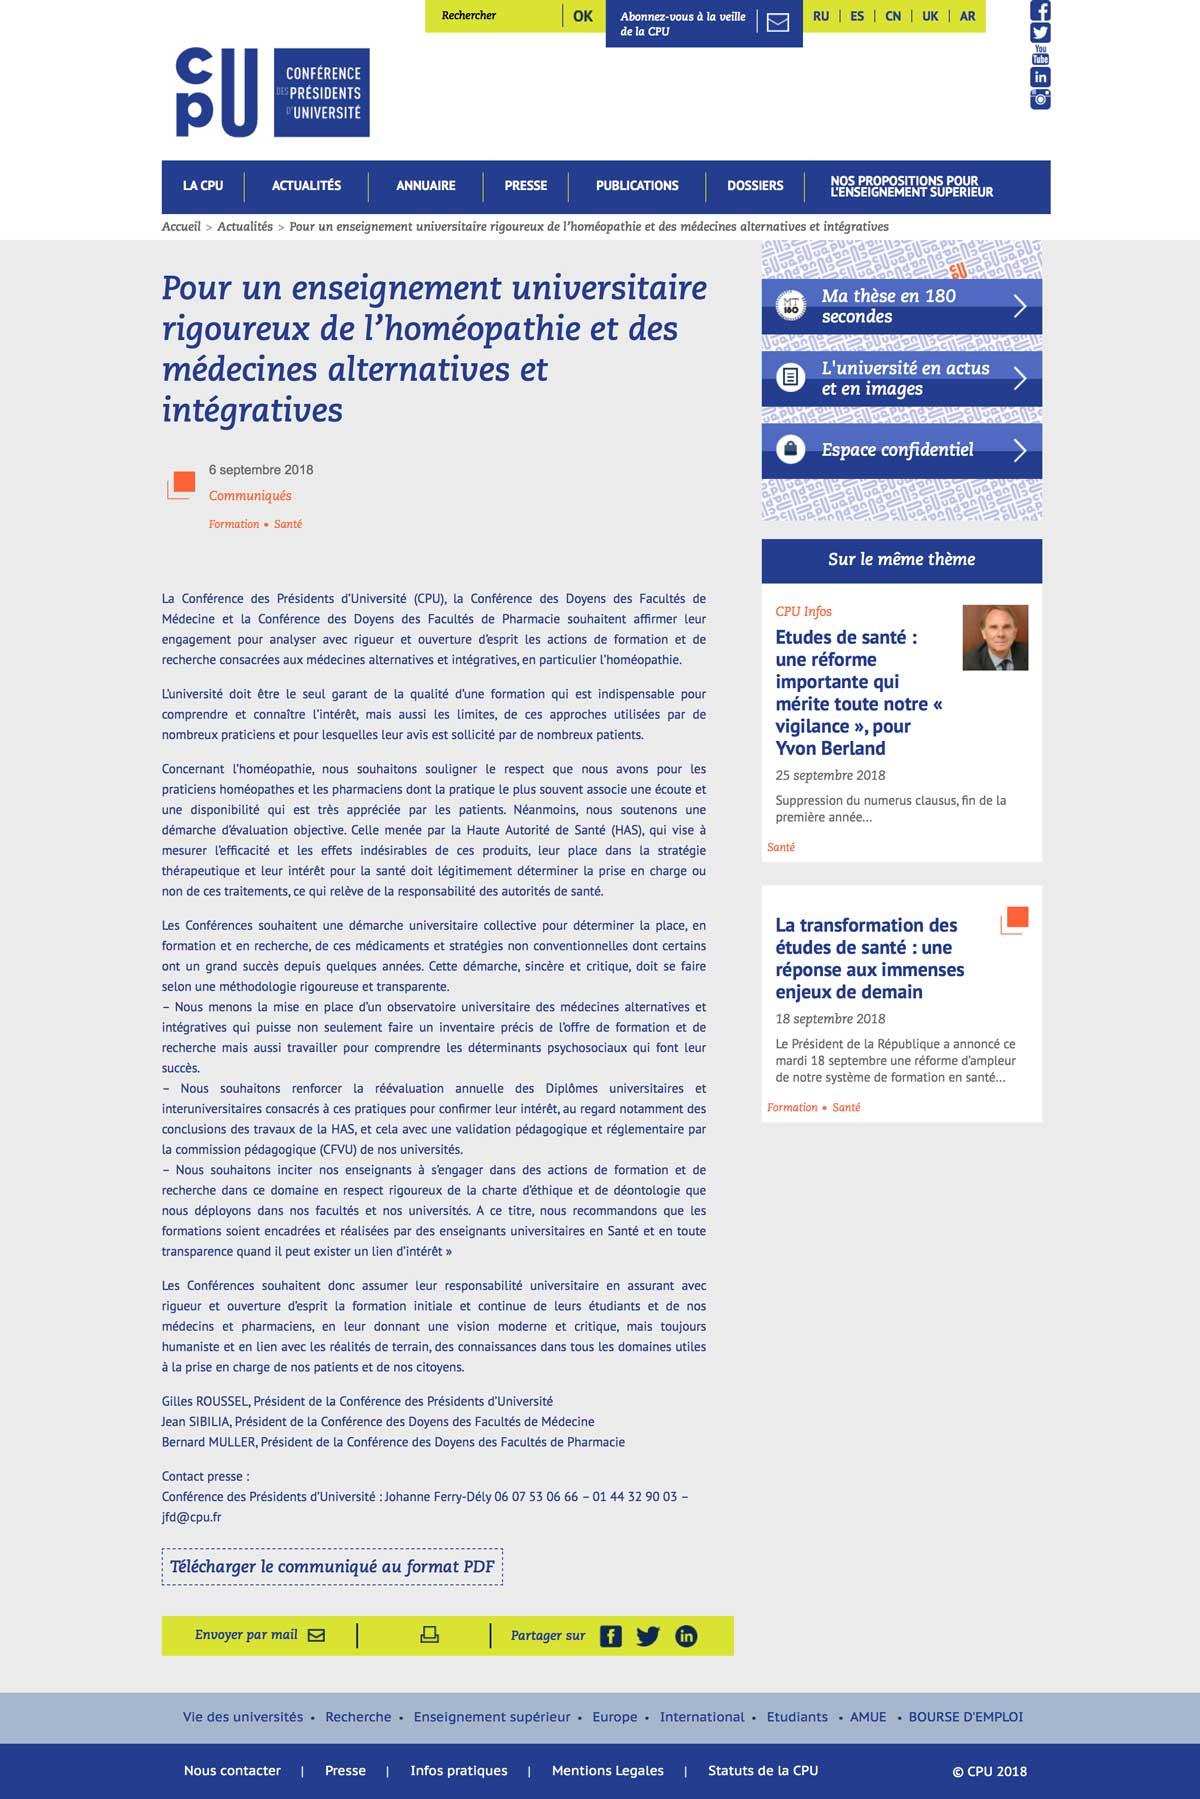 Pour-un-enseignement-universitaire-rigoureux-de-l'homéopathie-et-des-médecines-alternatives-et-intégratives-_-CPU---Conférence-des-présidents-d'université-(2018-09-28-13-38-35)